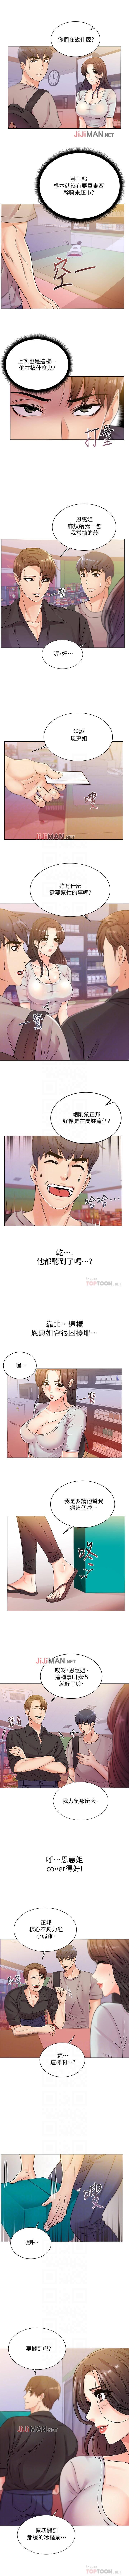 【周三连载】超市的漂亮姐姐(作者:北鼻&逃兵) 第1~20话 115